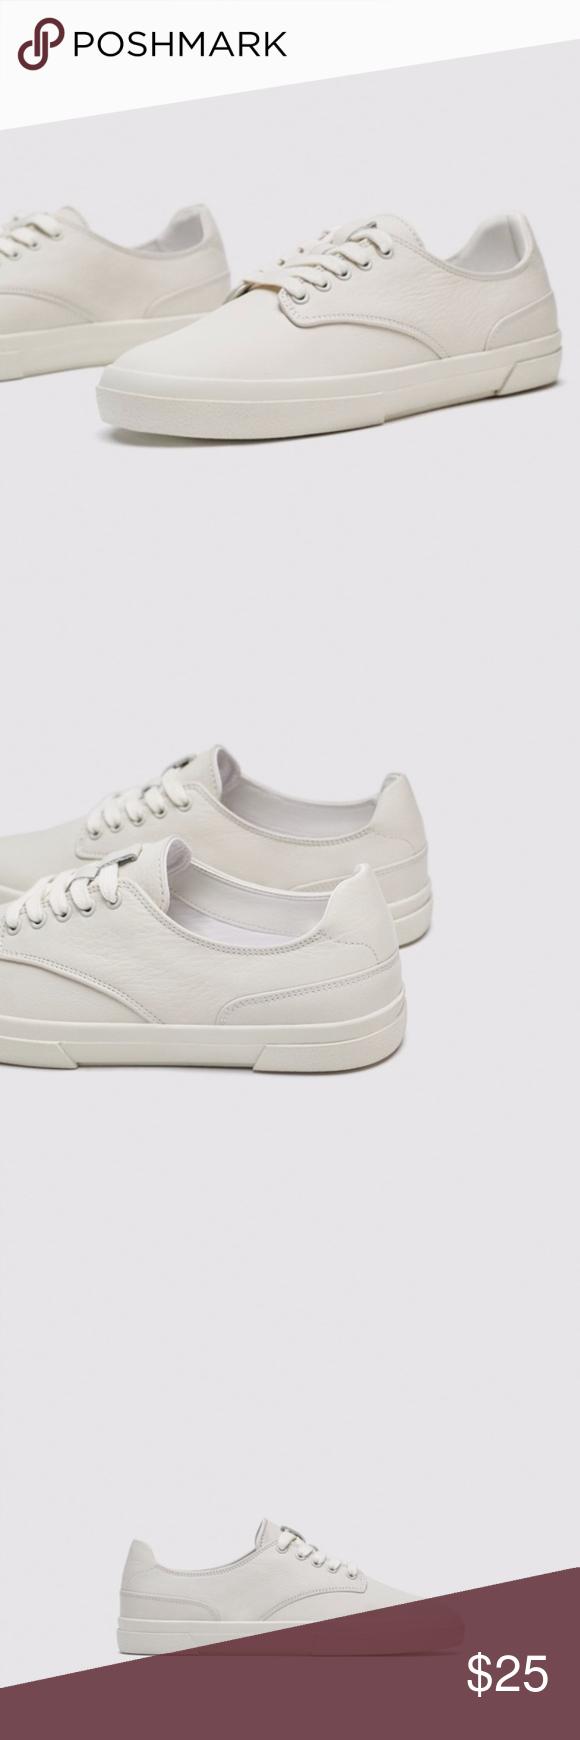 Zara White Leather Sneakers Off White Tennis Shoes Boutique White Leather Sneakers White Tennis Shoes Leather Sneakers